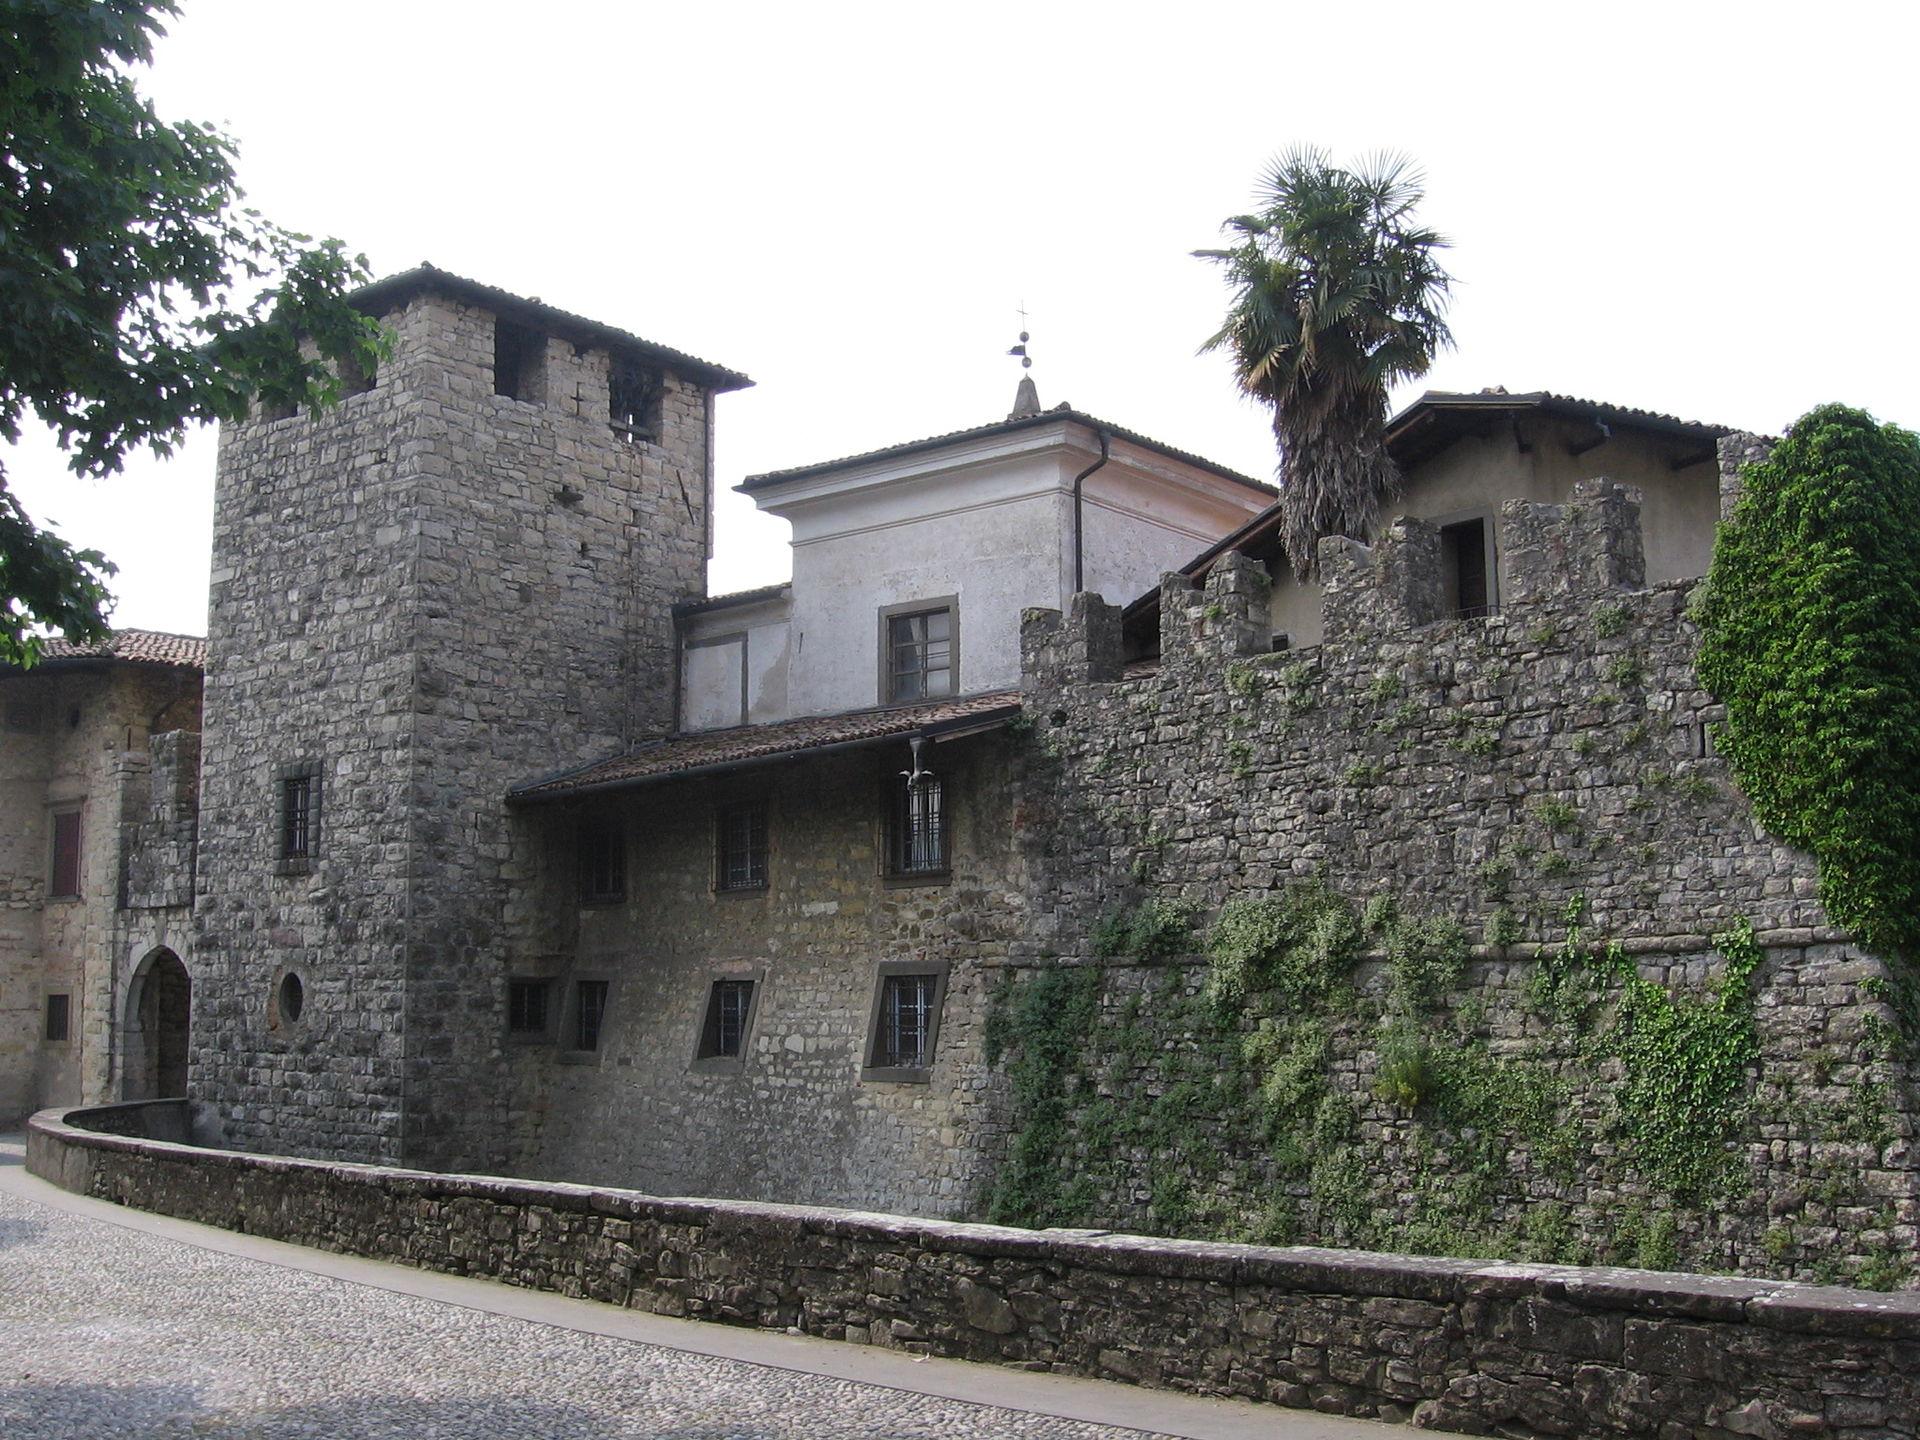 Castello di calepio wikipedia - Immagini di giardini di villette ...